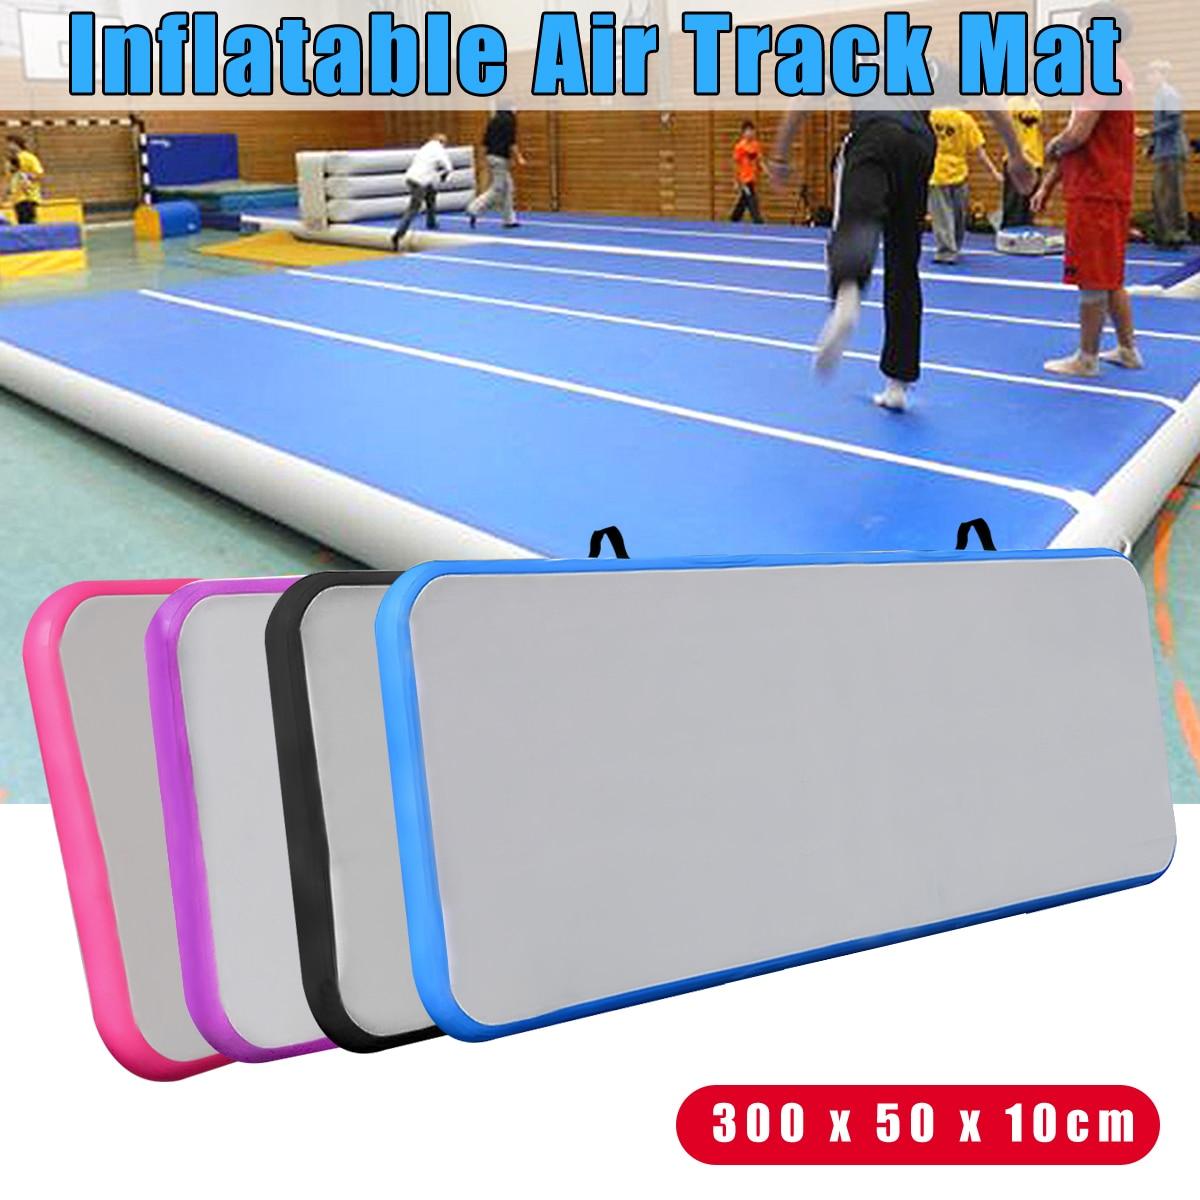 118x19x3.93 pouce Extérieur de Voie D'air Gonflable De Tapis De Yoga De Gymnastique Pratique De Gymnastique Au Sol Coussin Rose/ noir/Violet/Bleu